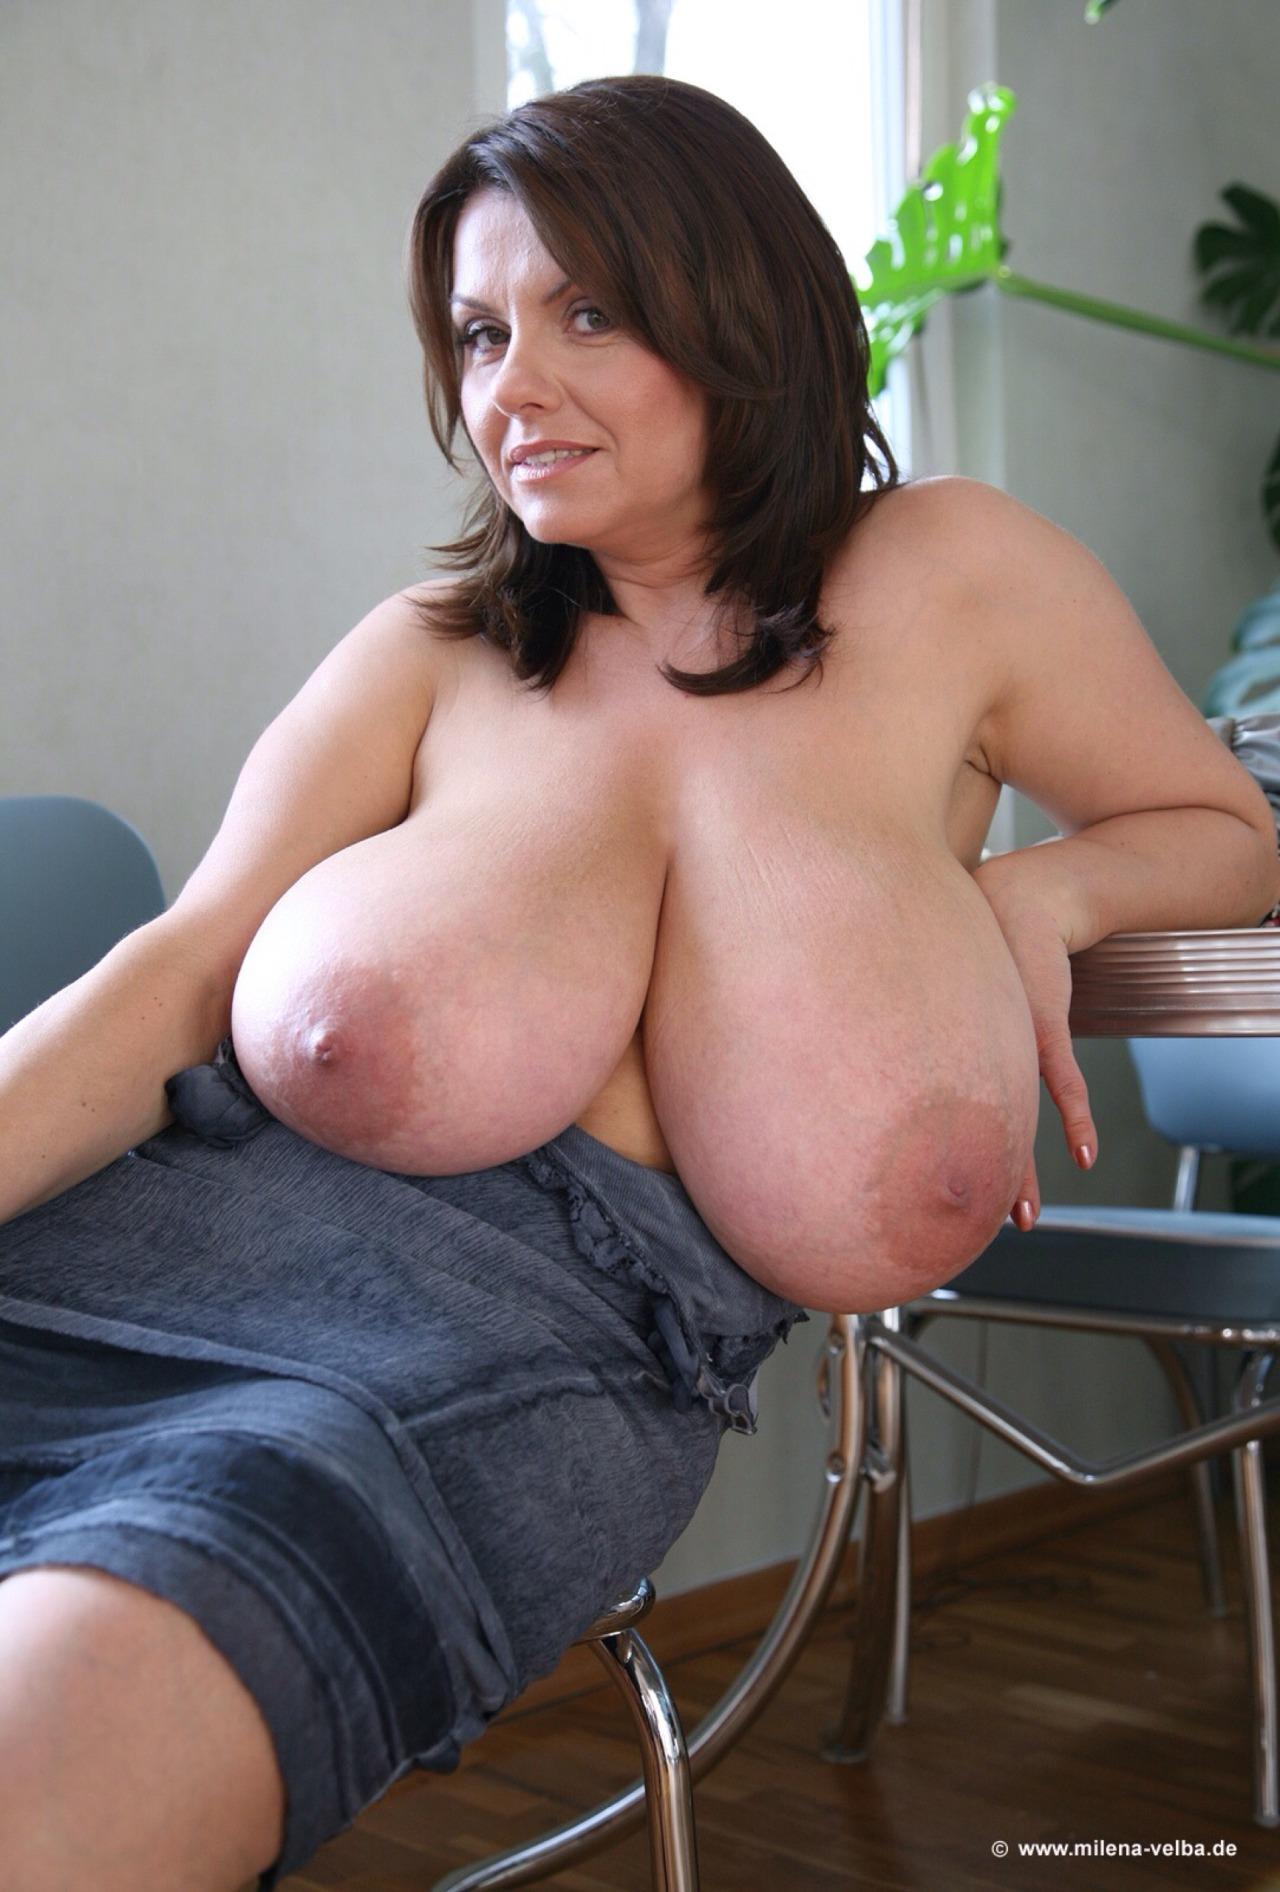 Milena velba pussy